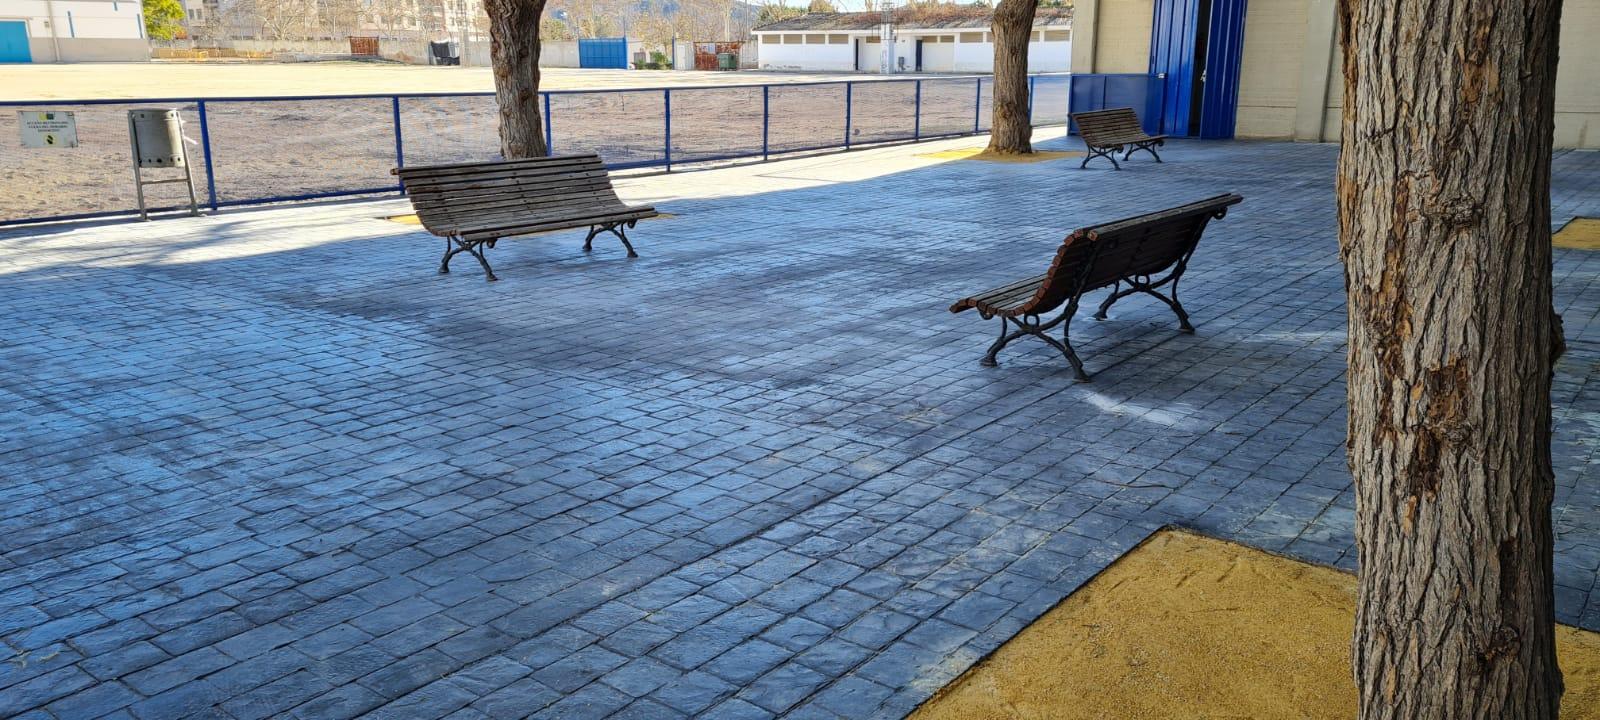 El Ayuntamiento de Elda remodela la entrada al Polideportivo Municipal por la calle Venezuela para evitar accidentes y mejorar la accesibilidad